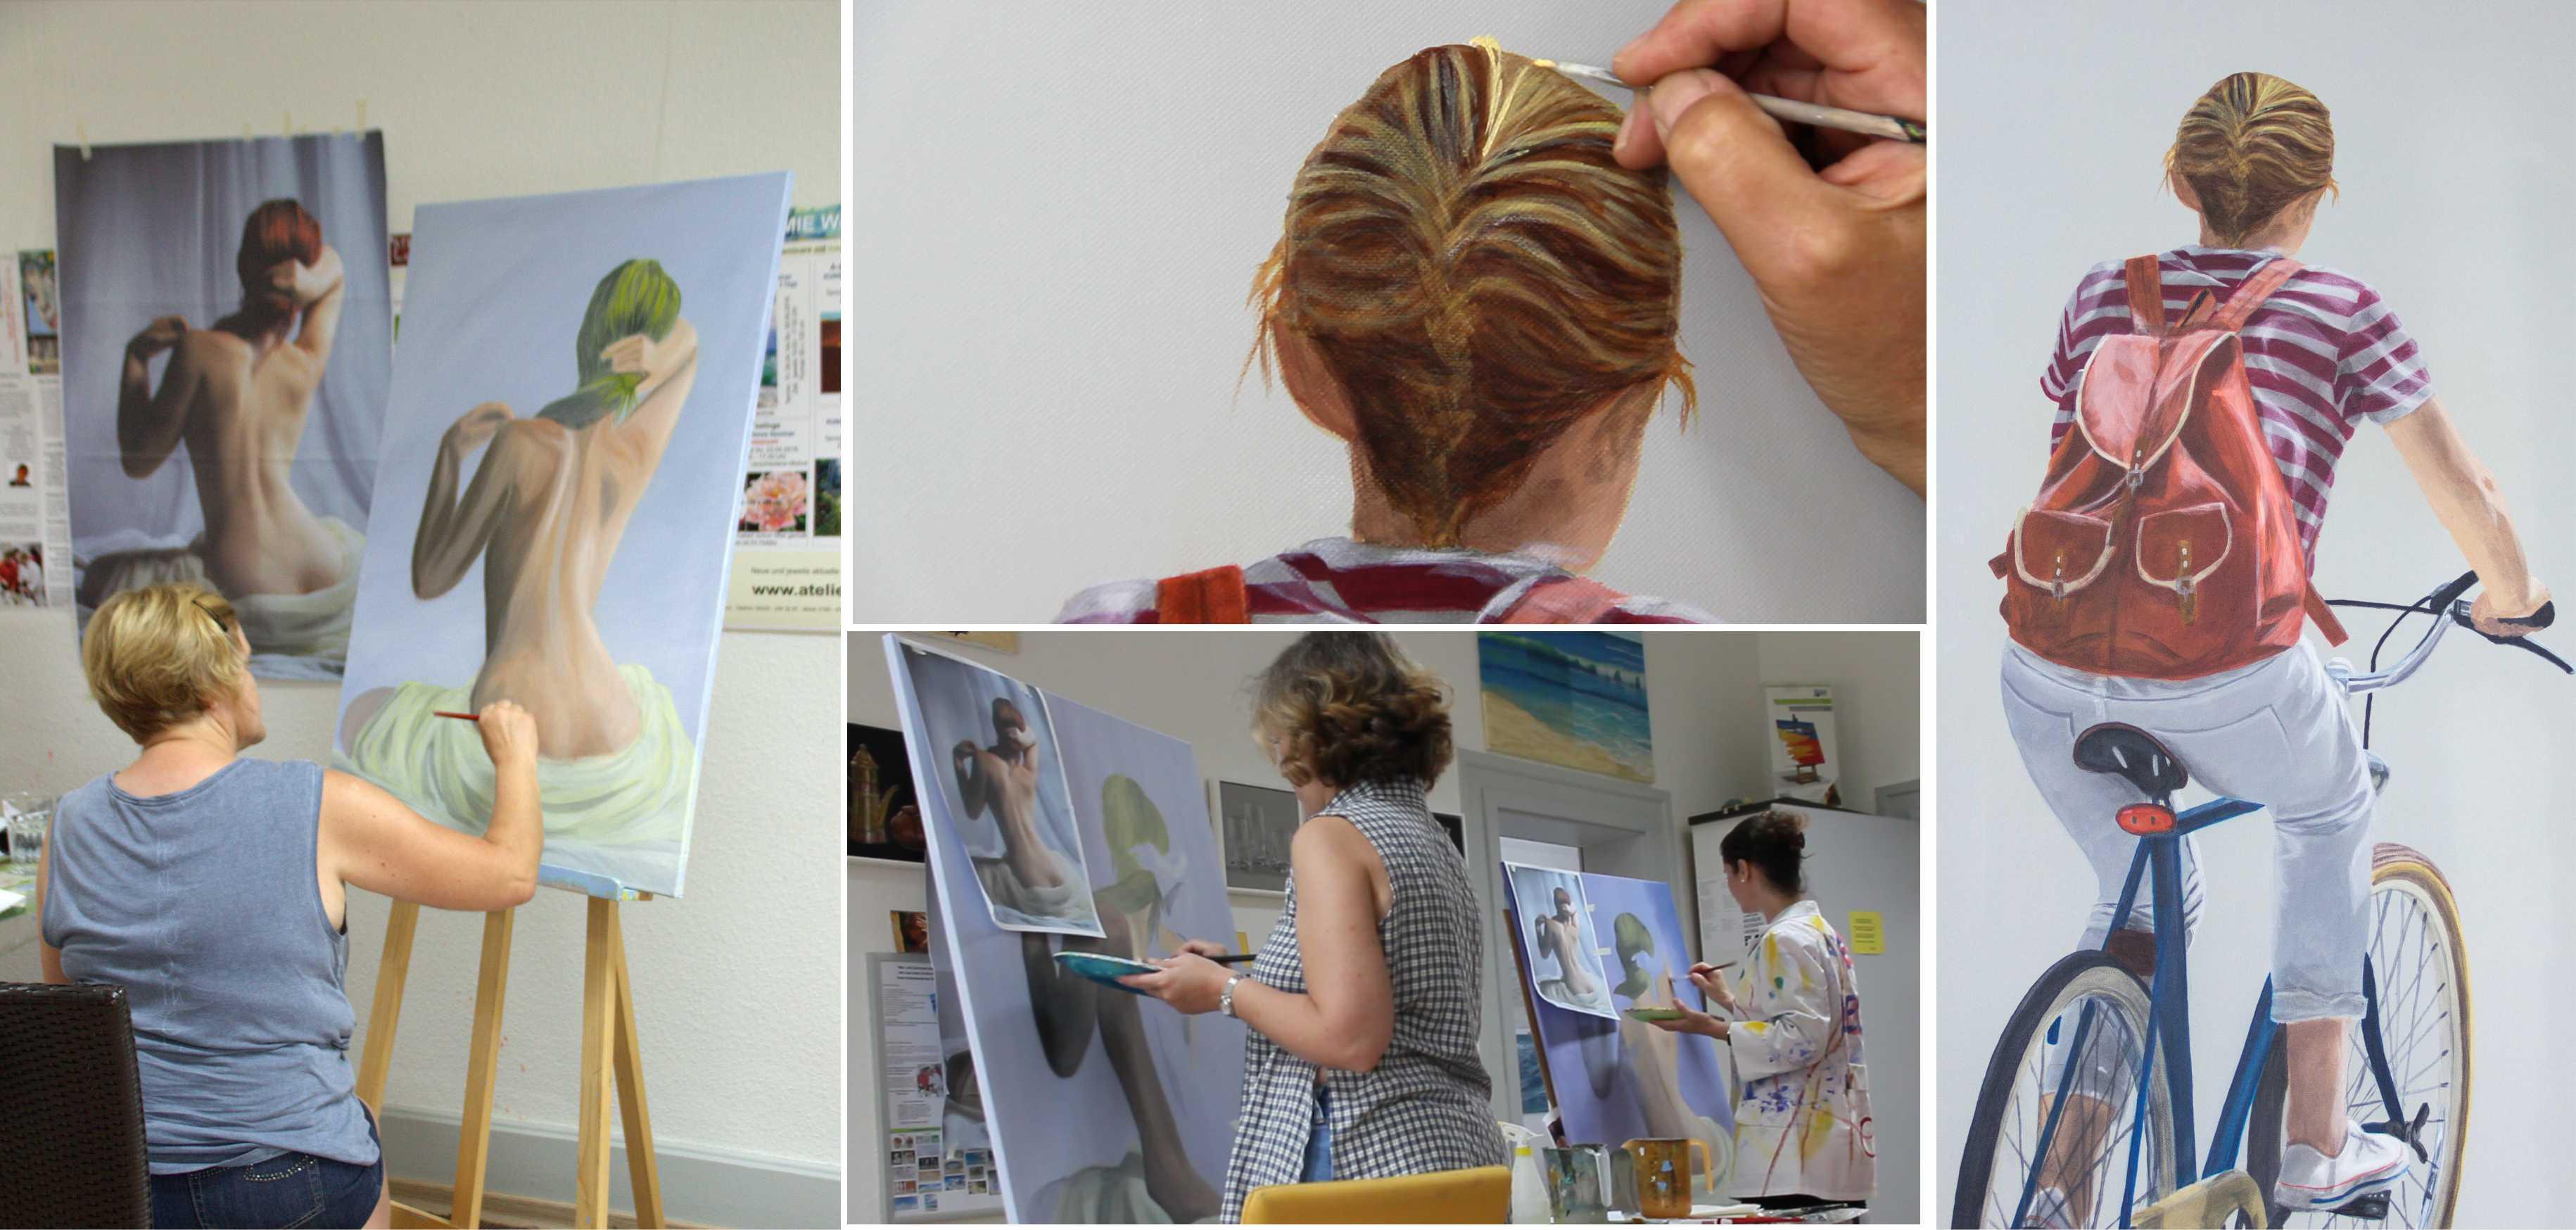 Kurs Figürlicher Realismus für Künstler, Kunstakademie Wertheim, Akademie für Fotorealismus, Atelier Leoni